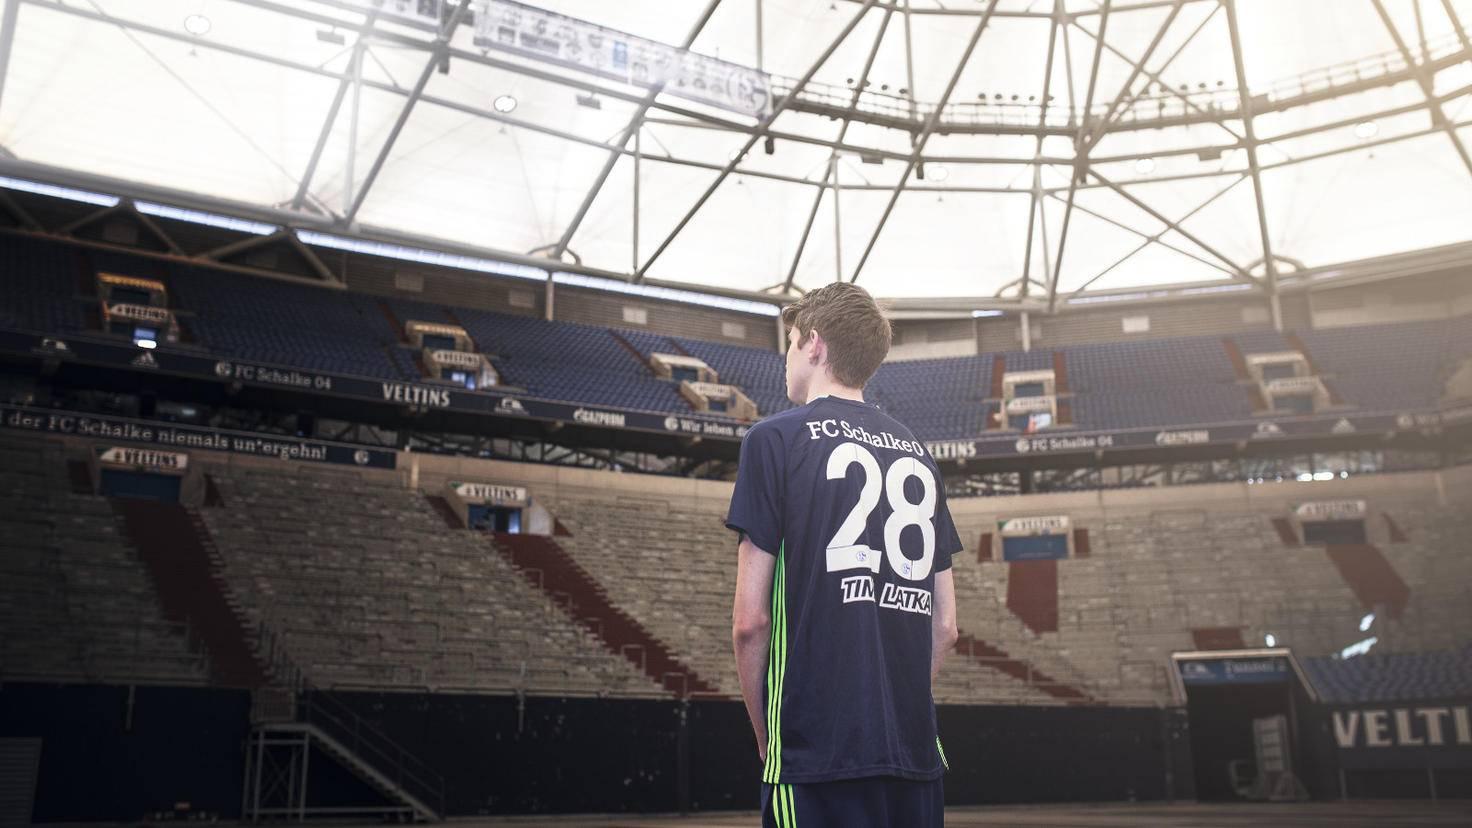 """Tim Latka in der Arena auf Schalke: """"Wenn mir das einer vor einem Jahr gesagt hätte, ich hätte es für einen Scherz gehalten."""""""